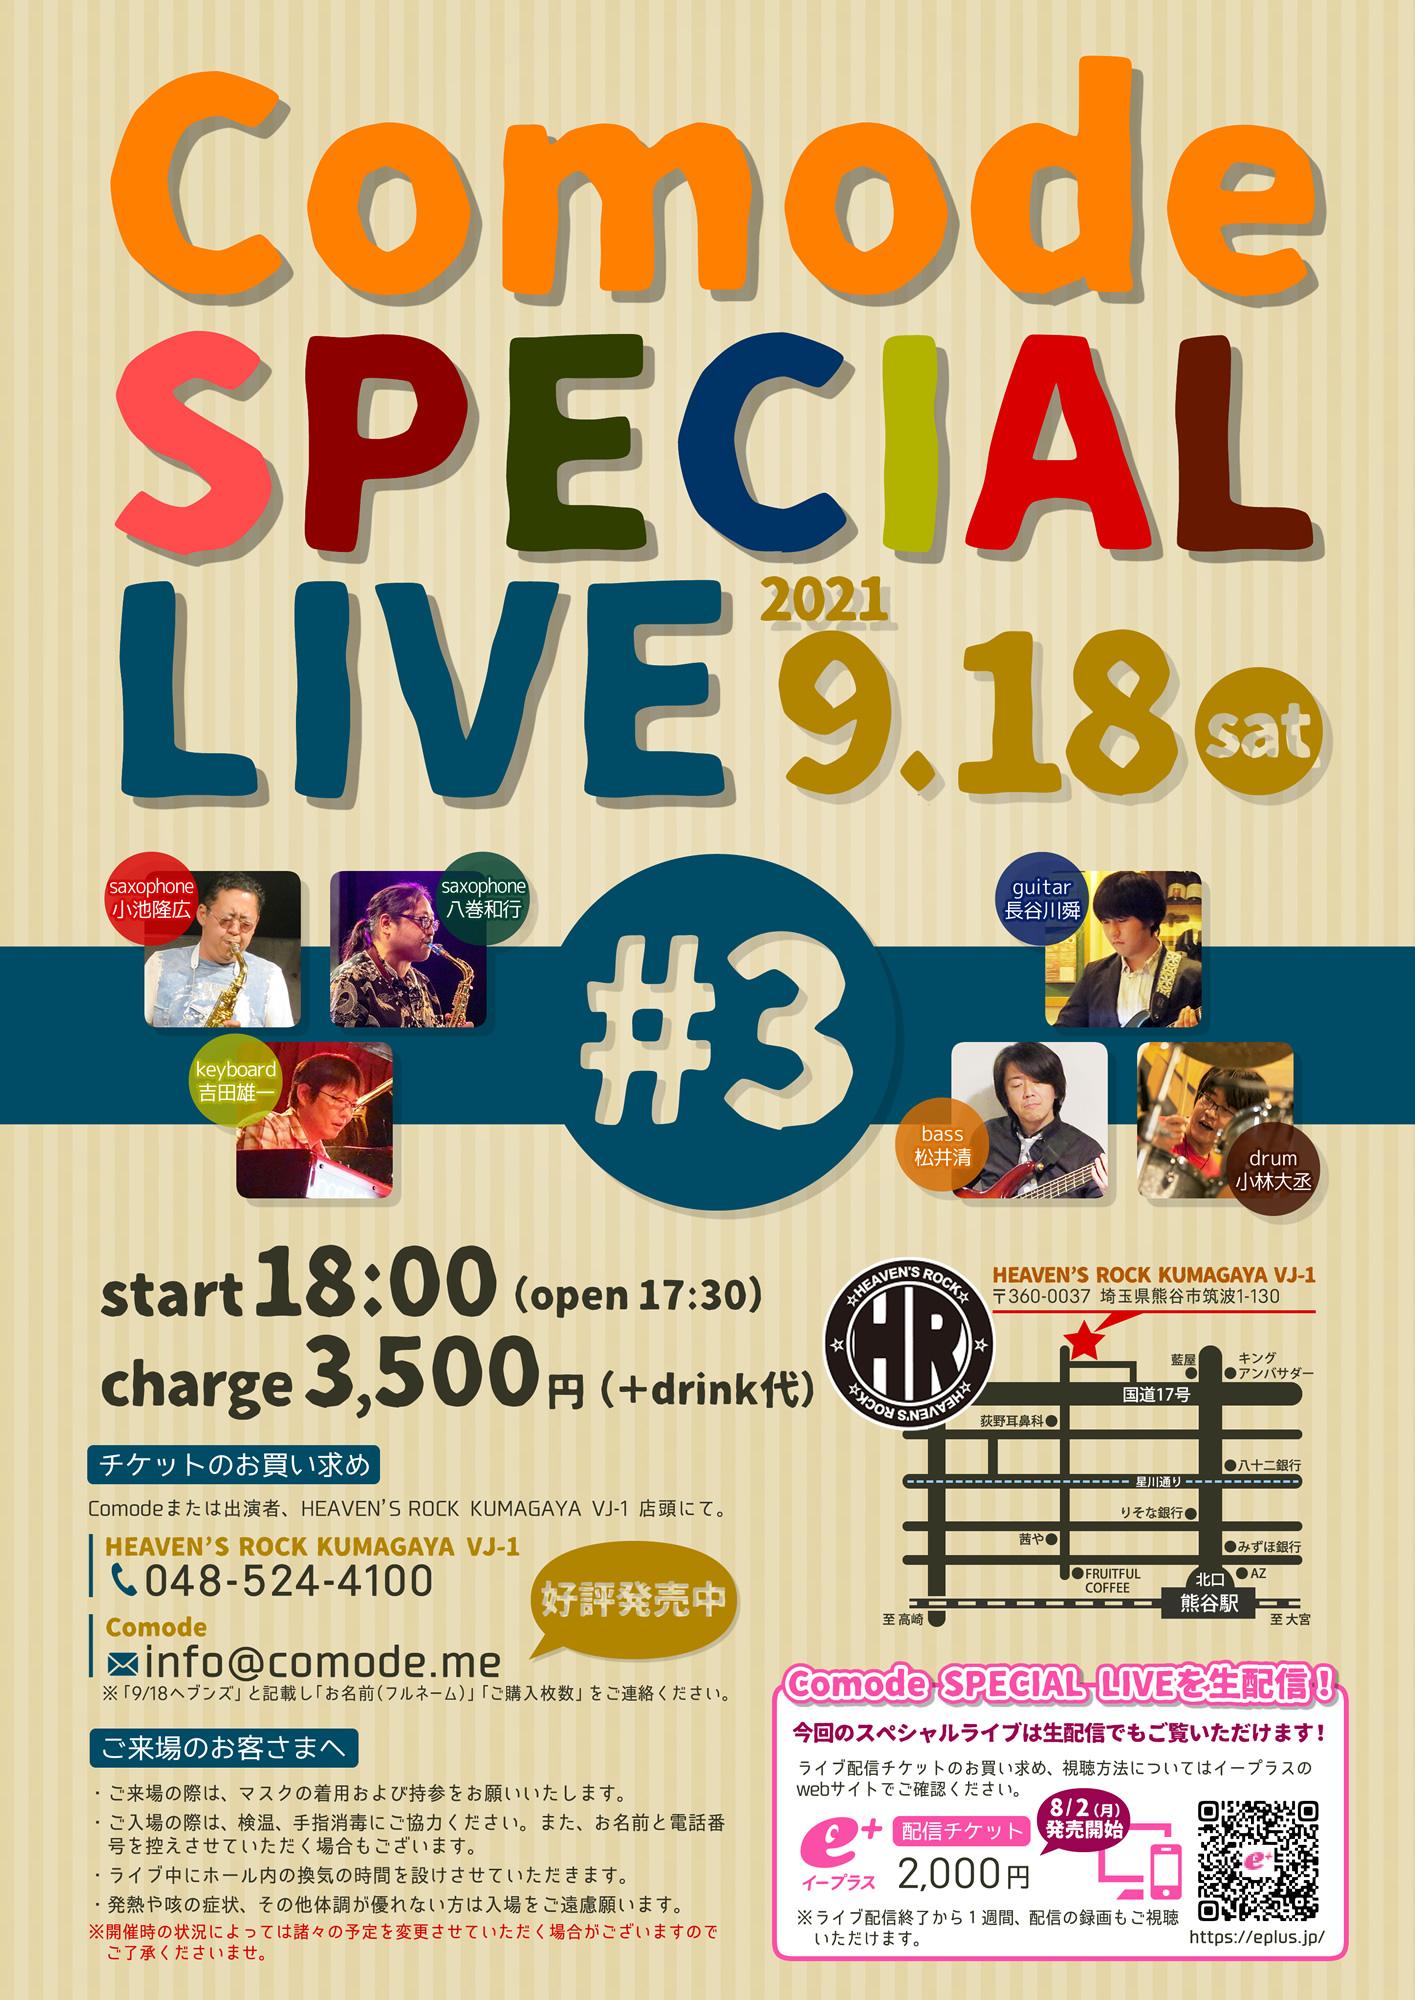 """Comodeスペシャルライブ#3 at HEAVEN'S ROCK熊谷VJ-1"""" height="""